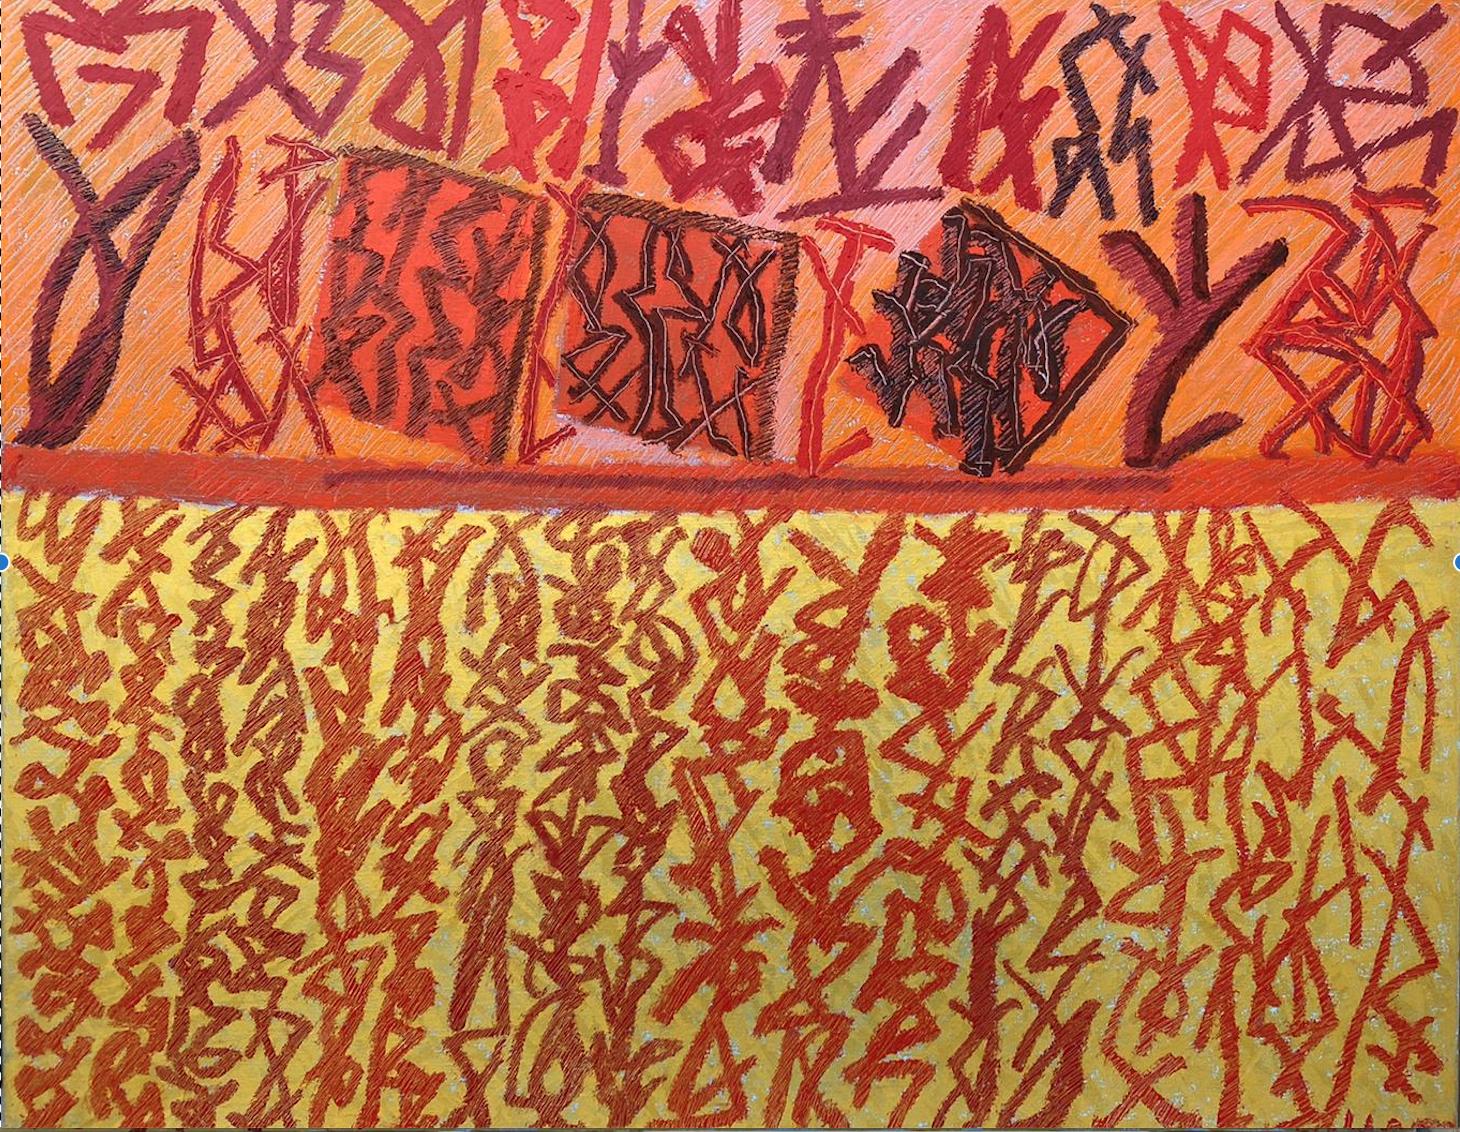 Senza titolo, 1991